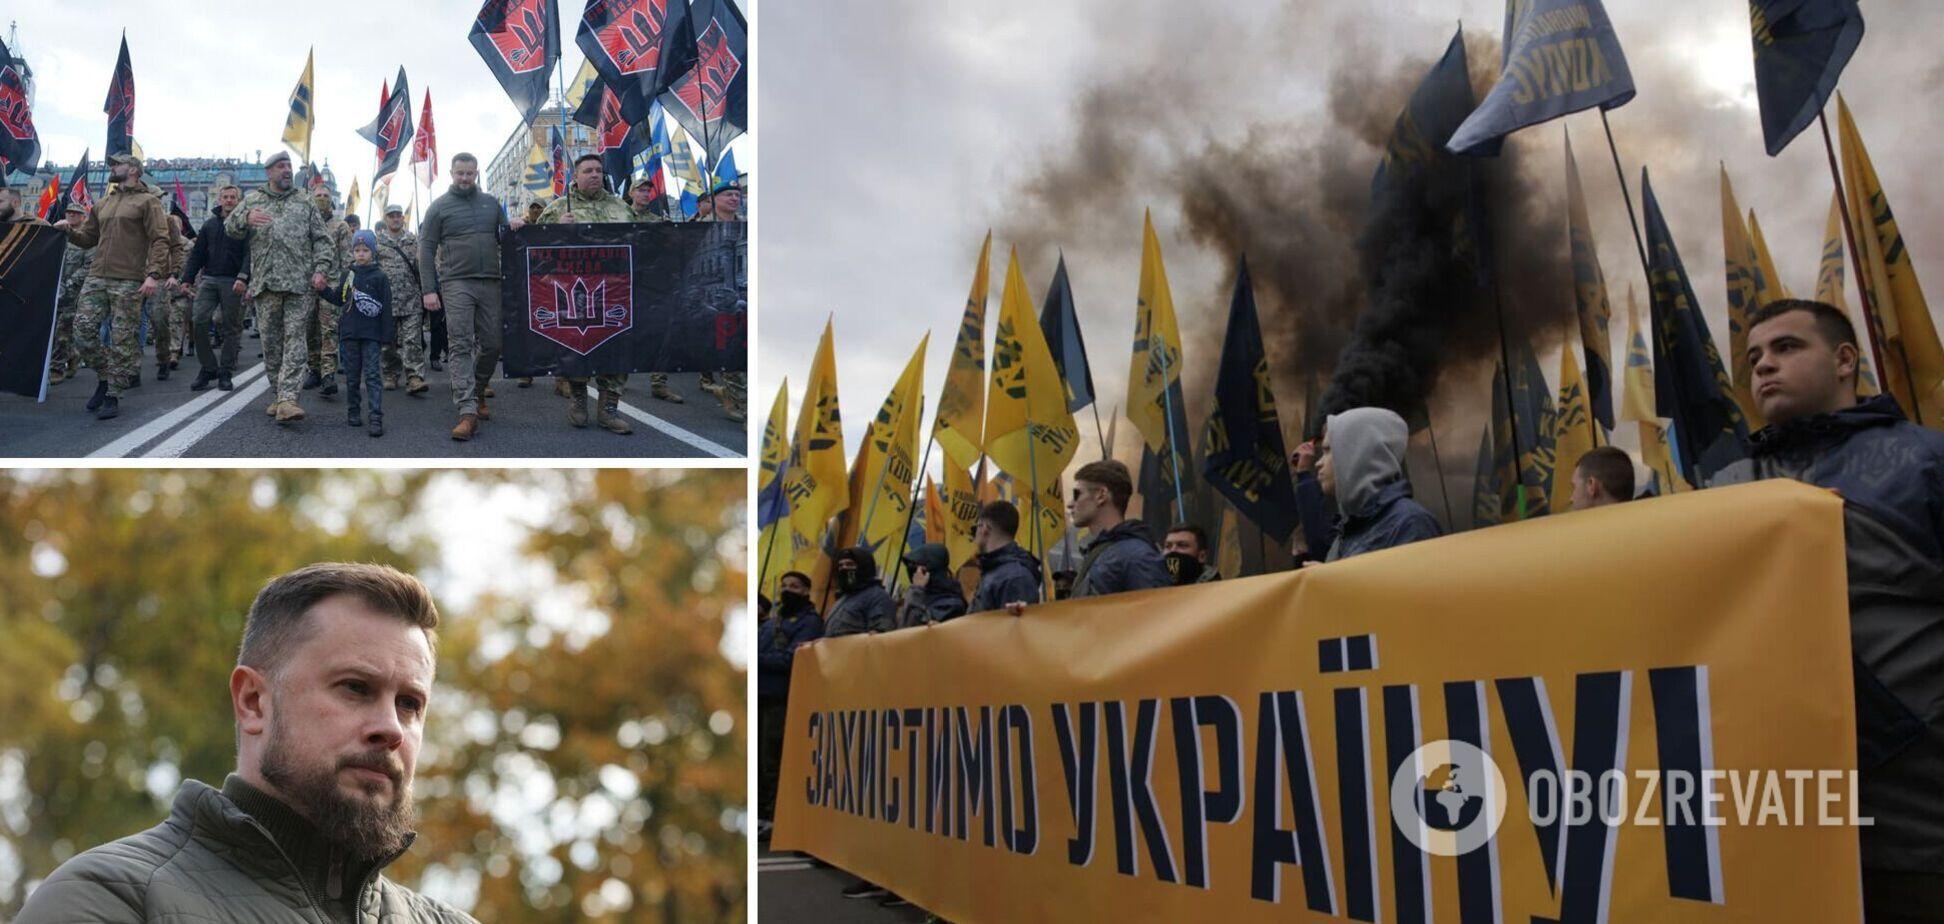 Націоналісти вивели на марш більше 20 тисяч учасників